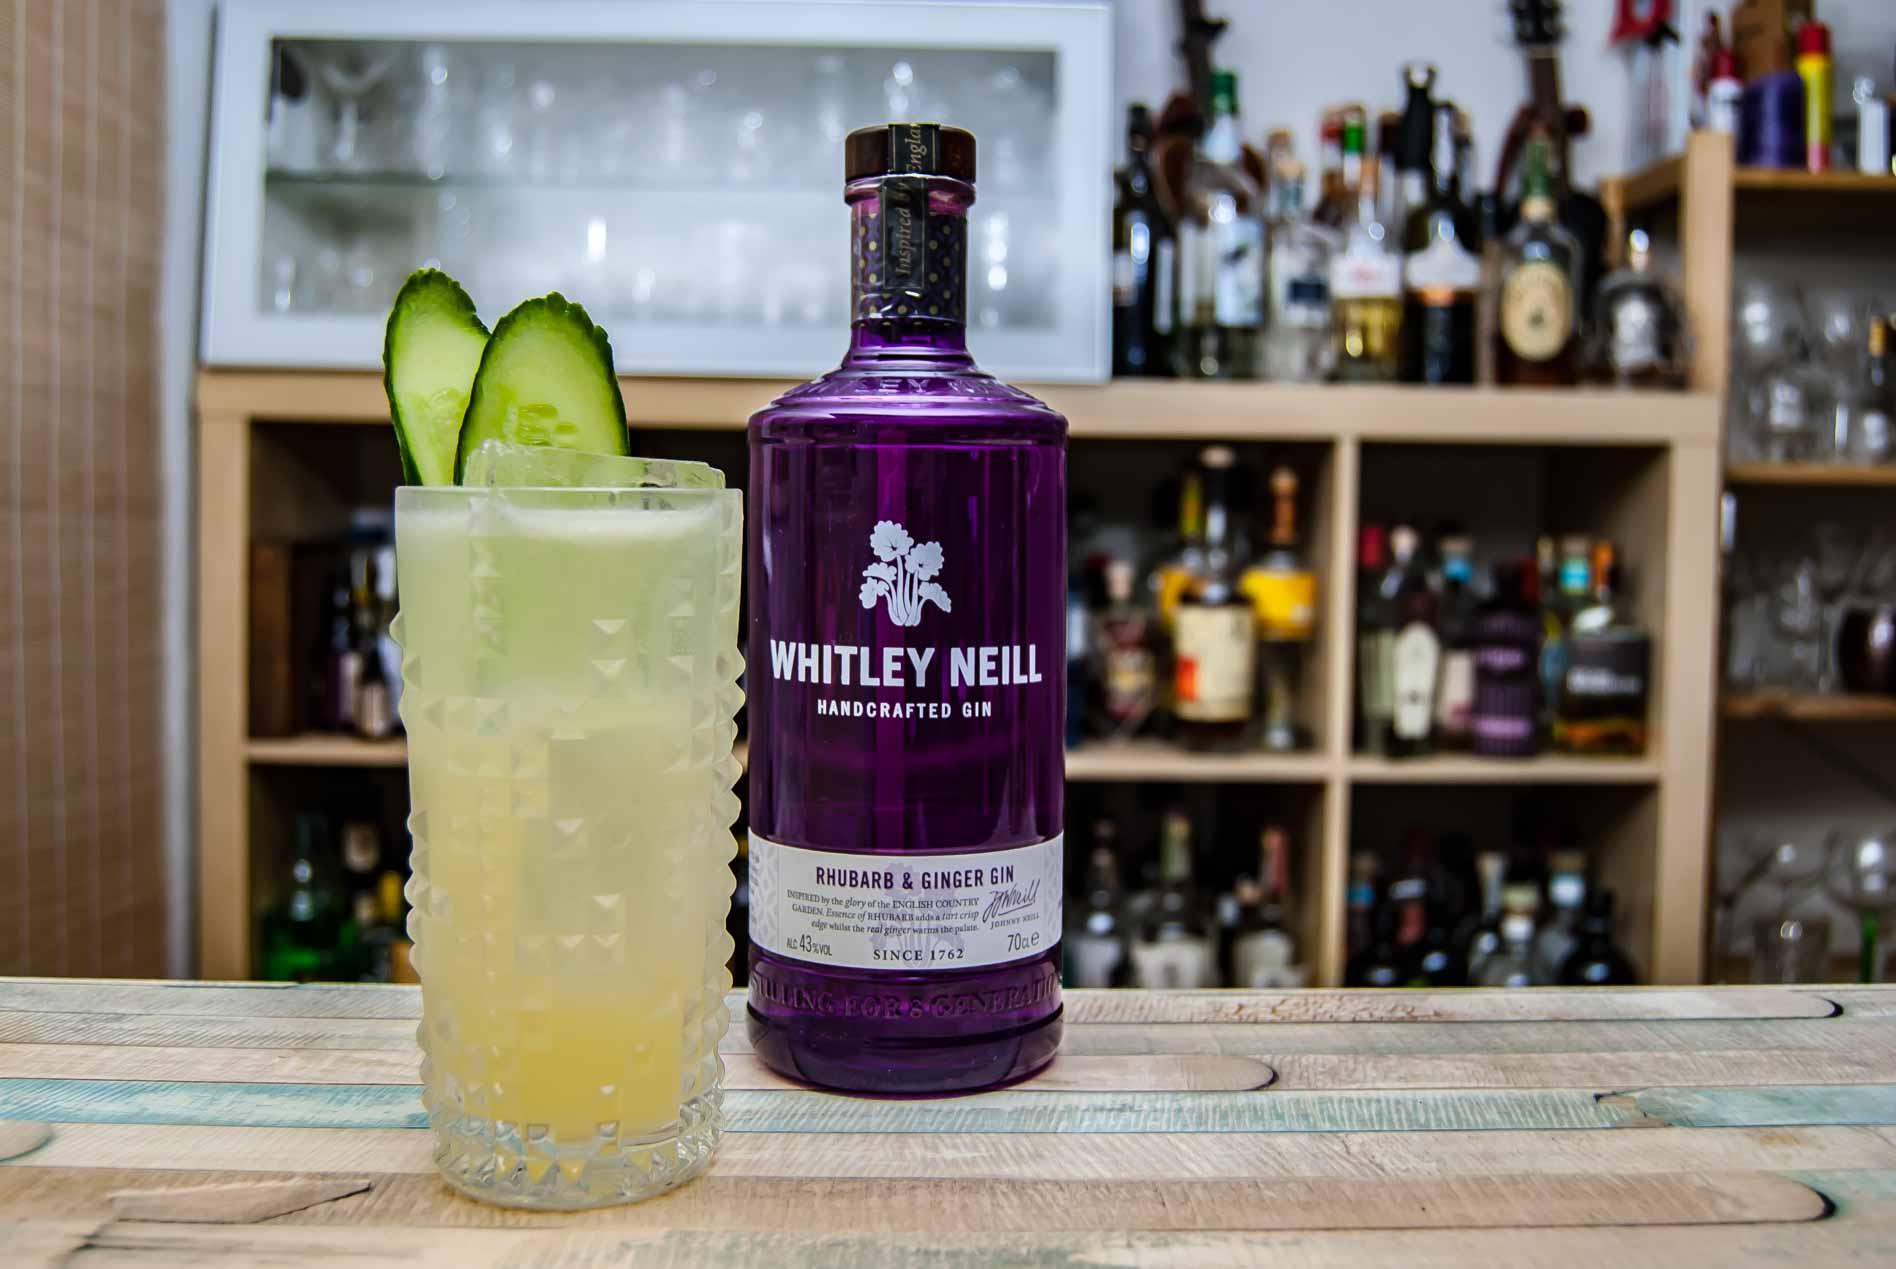 Der Whitley Neill Rhubarb & Ginger Gin in einem Le Gurk..